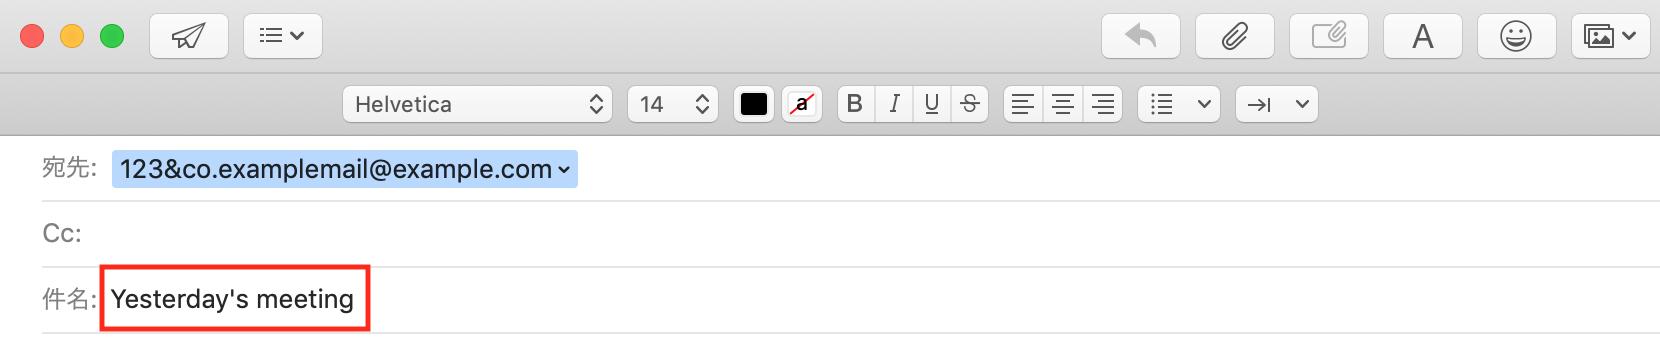 メールの件名の例